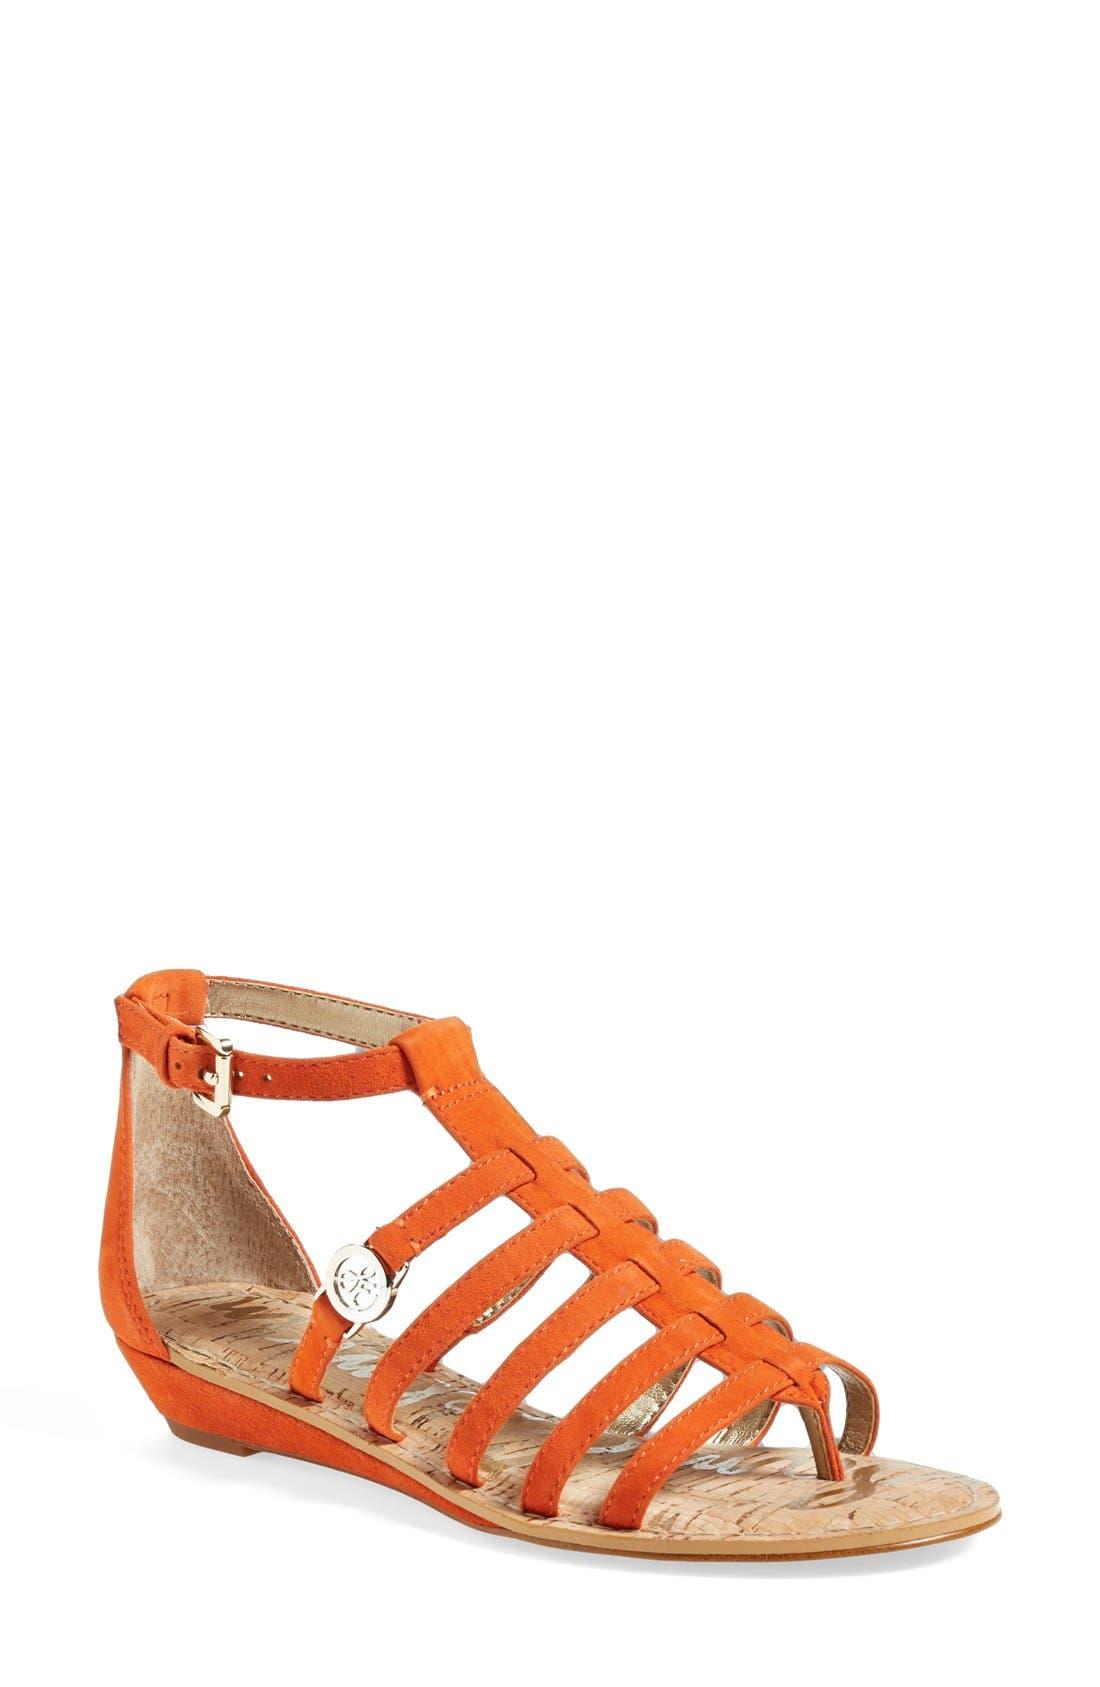 Alternate Image 1 Selected - Sam Edelman 'Donna' Gladiator Sandal (Women)